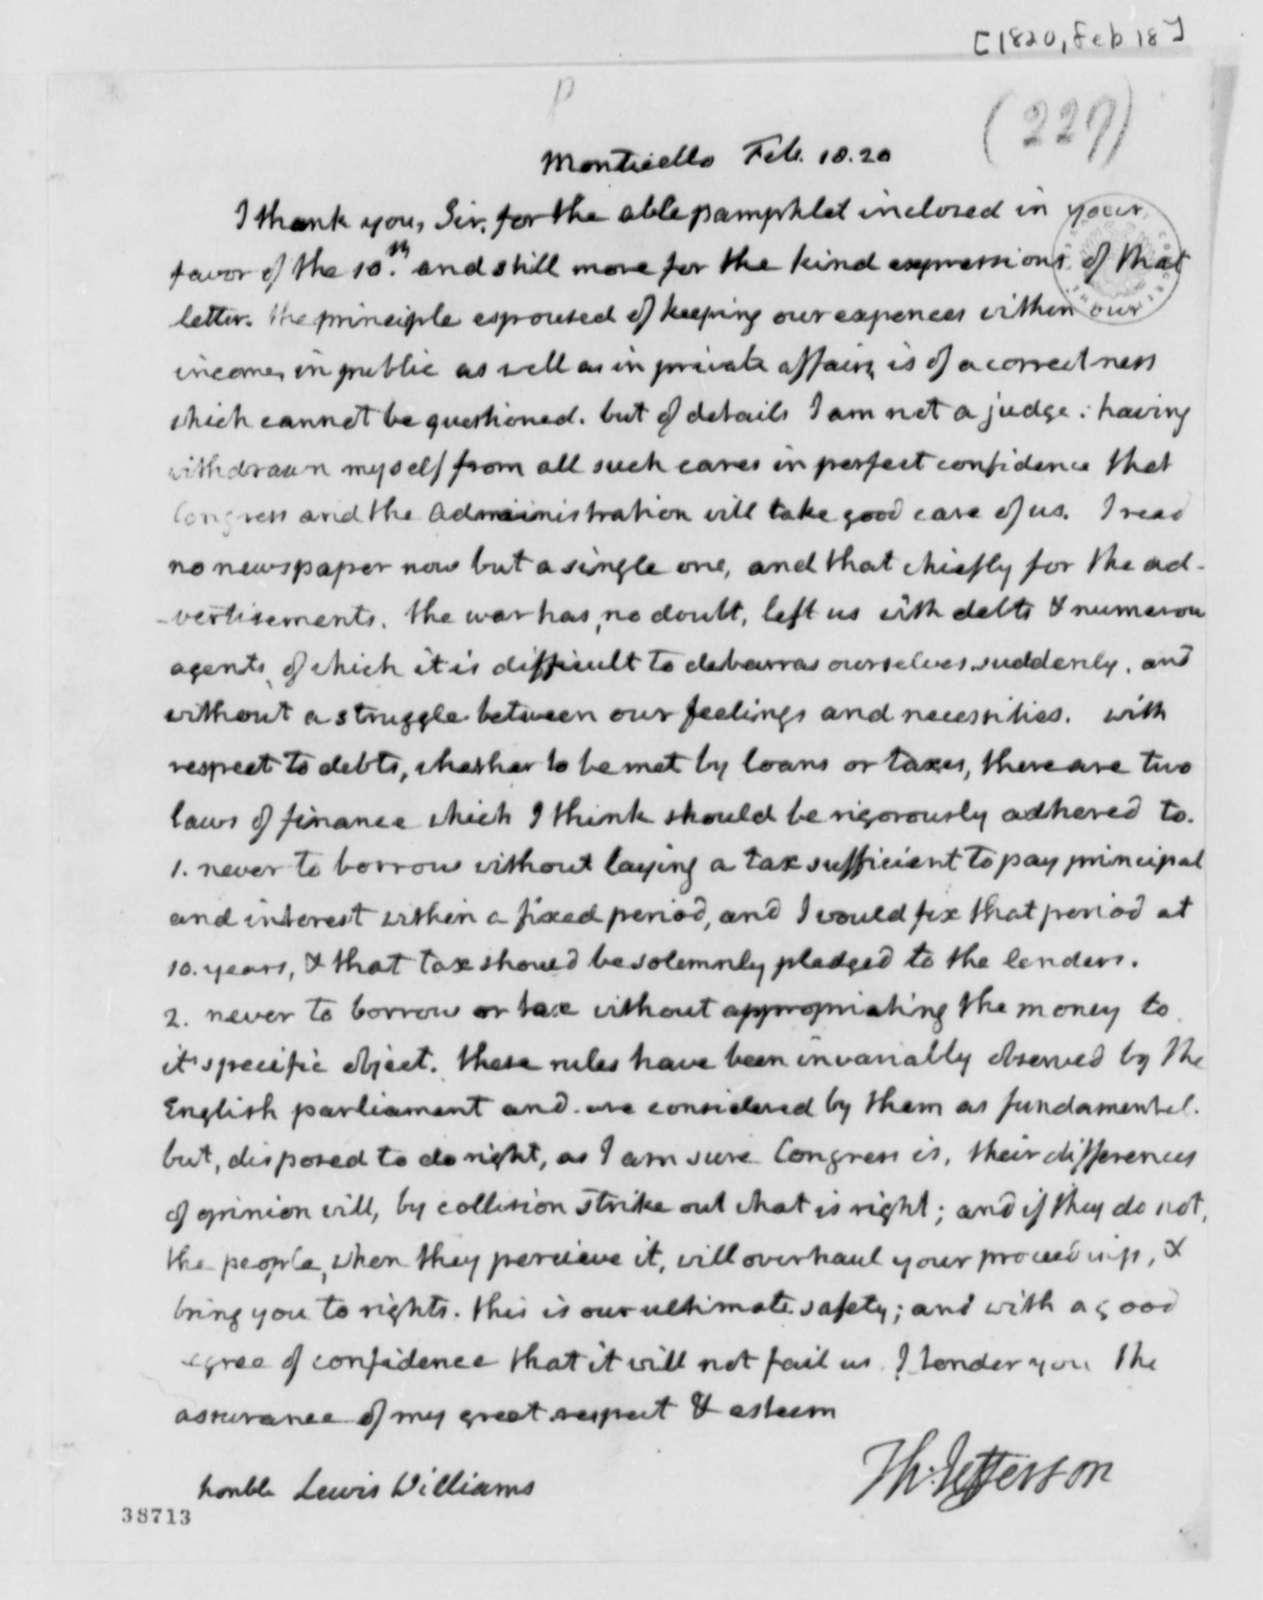 Thomas Jefferson to Lewis Williams, February 18, 1820